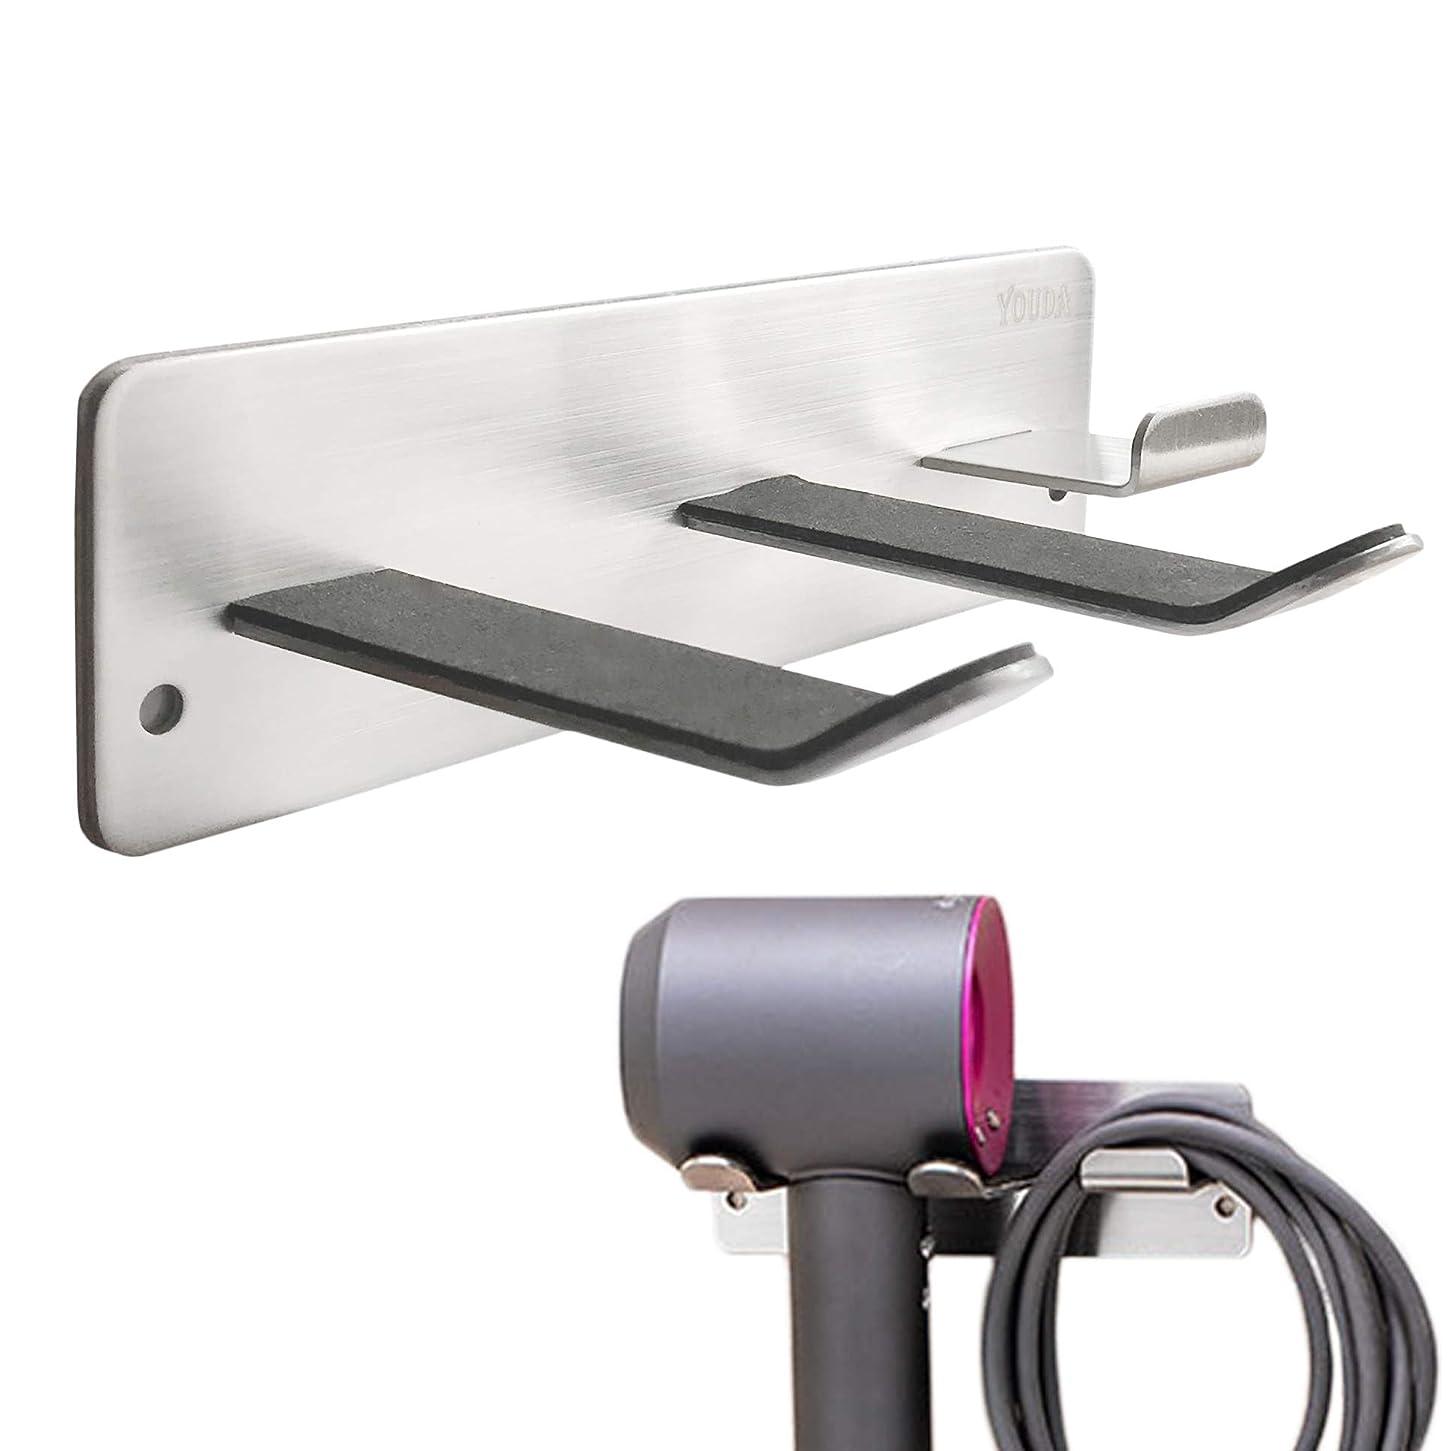 酸眼命題ヘアドライヤーホルダー、全てのヘアドライヤーに対応する壁掛けラック、バスルーム/ベッドルーム/洗面所/理髪店用スペースオーガナイザー、304ステンレススチール、シルバー